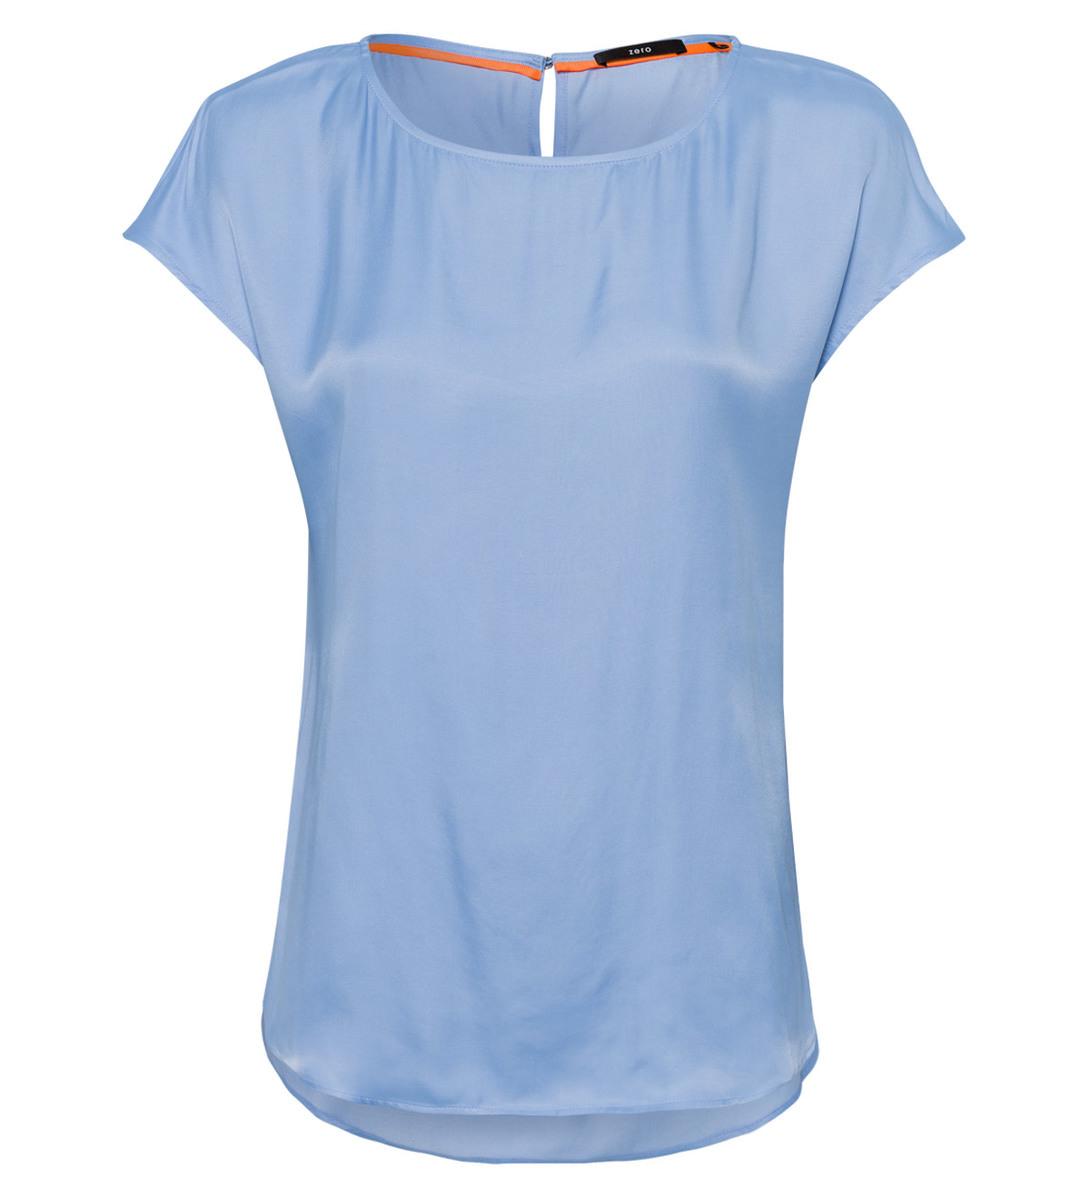 Blusenshirt mit leicht glänzender Oberfläche in blue wave